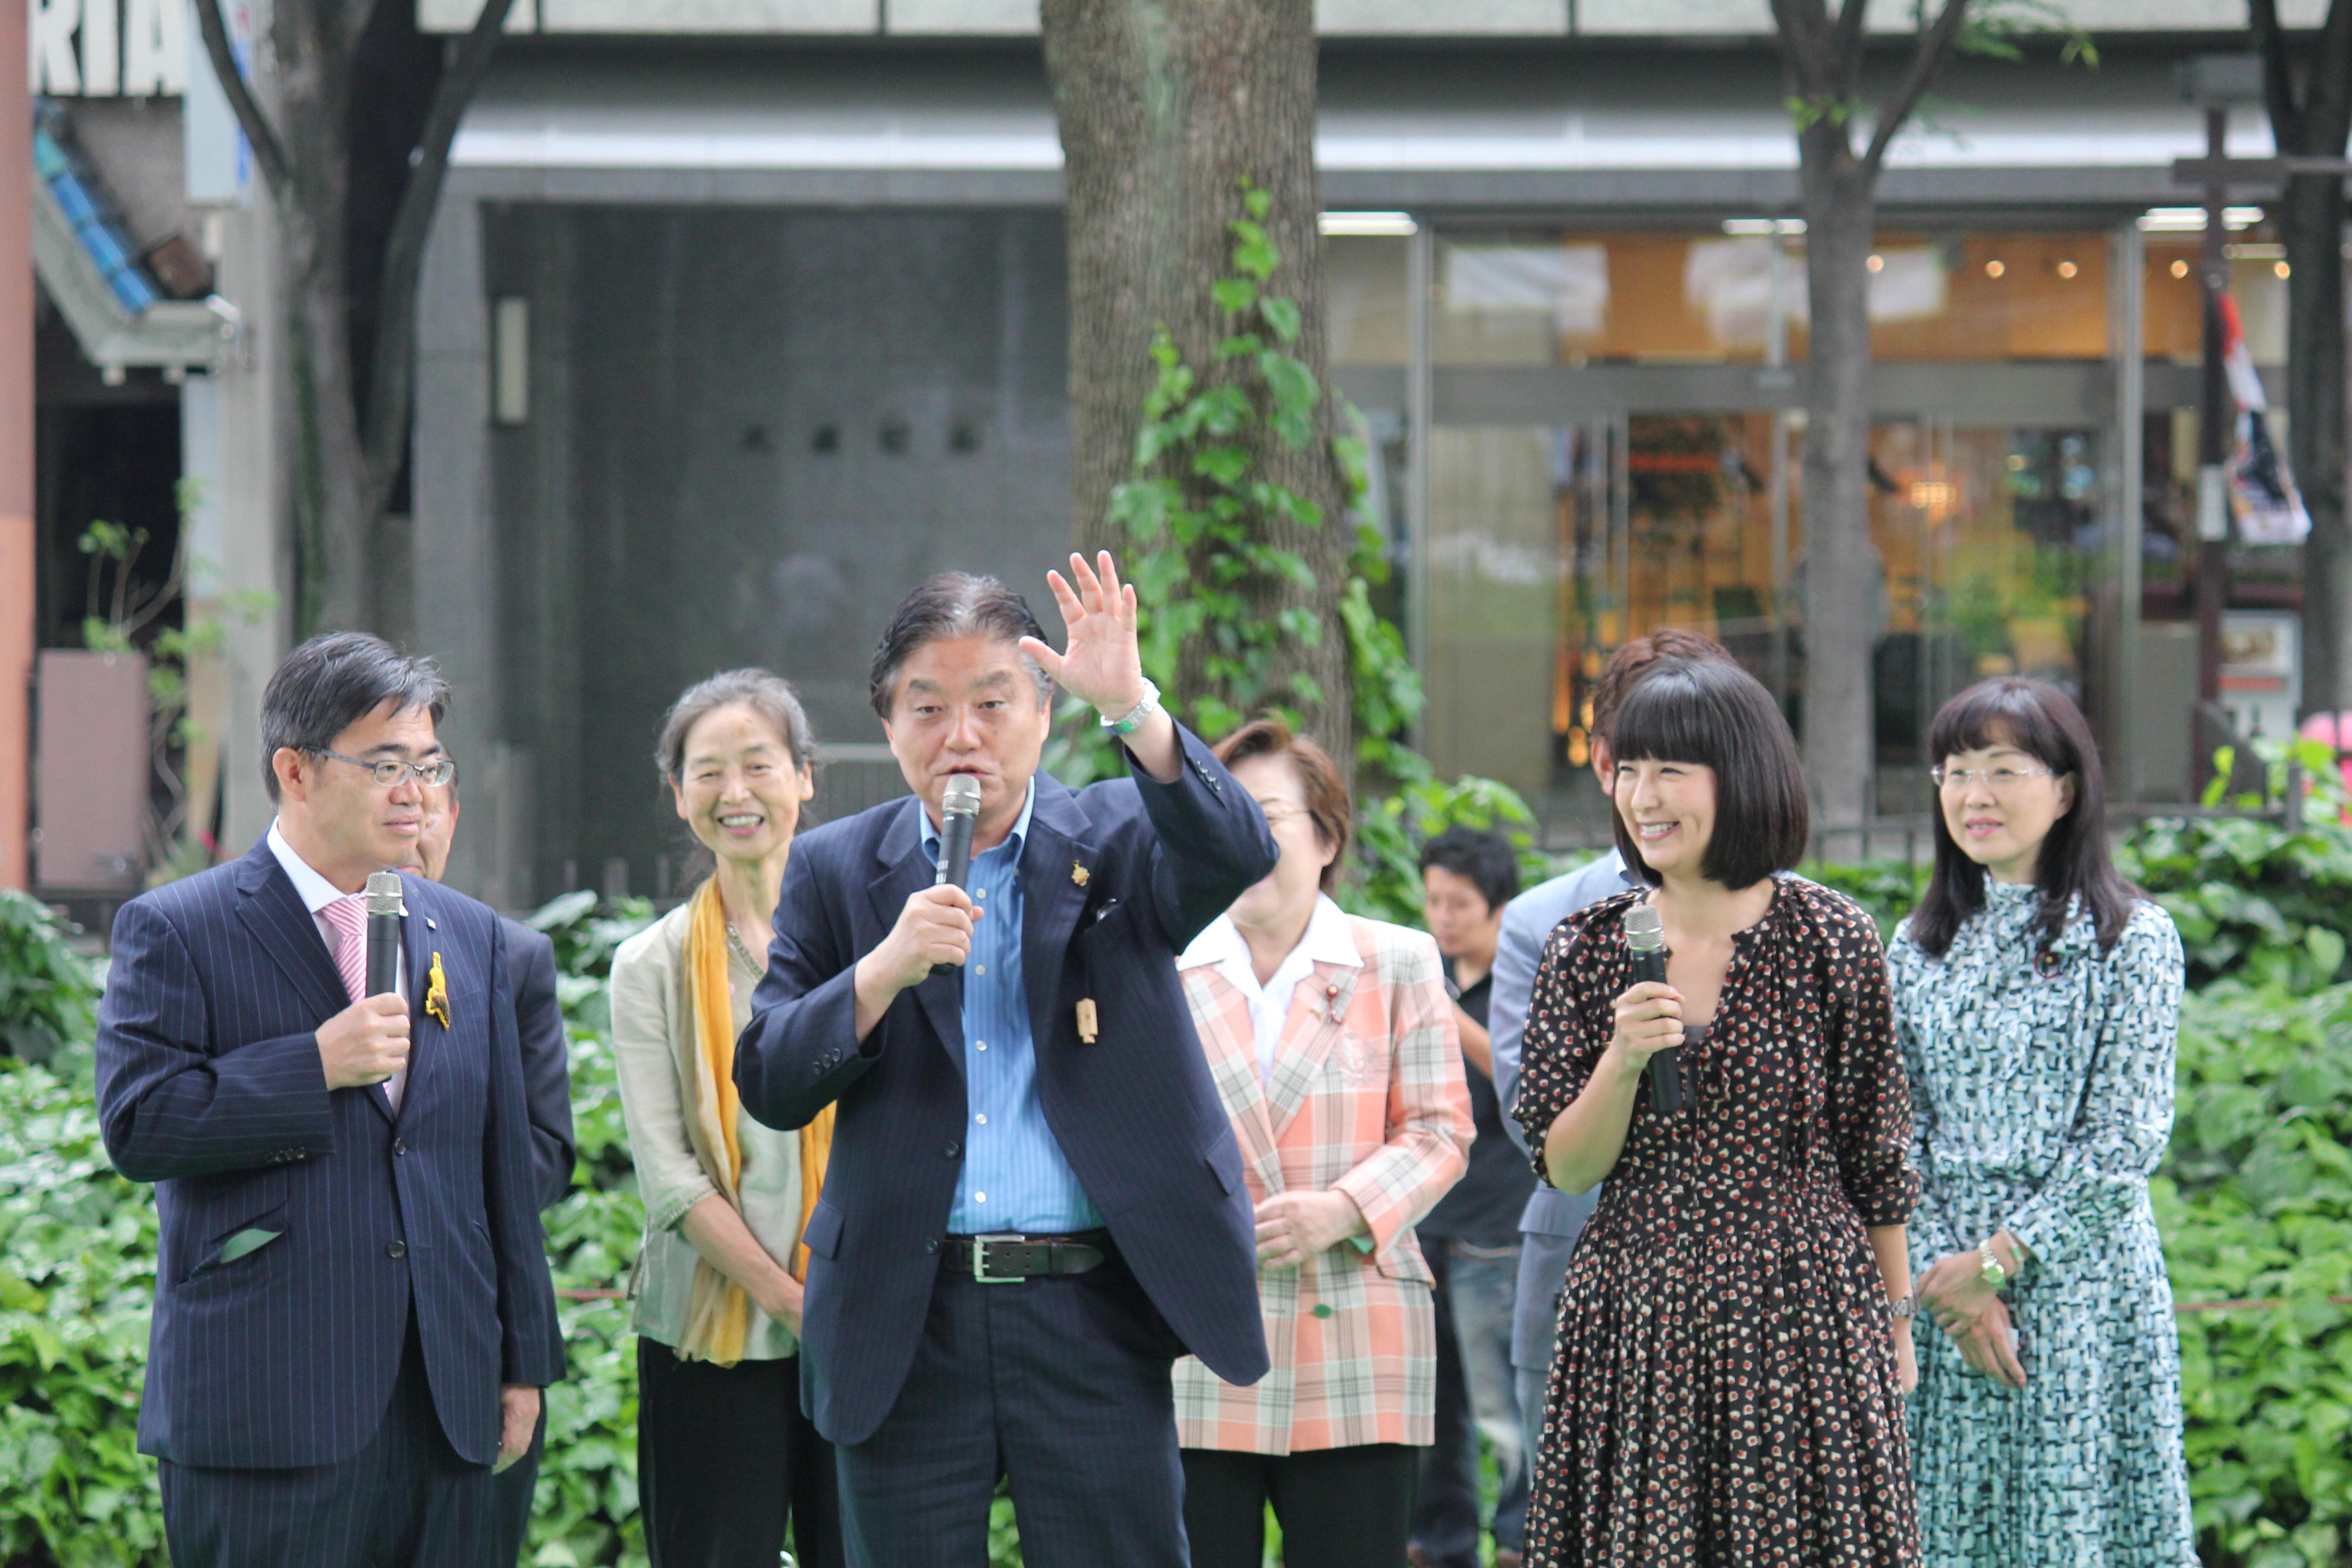 名古屋市がフェアトレードタウンに!「環境デーなごや」でイベント開催